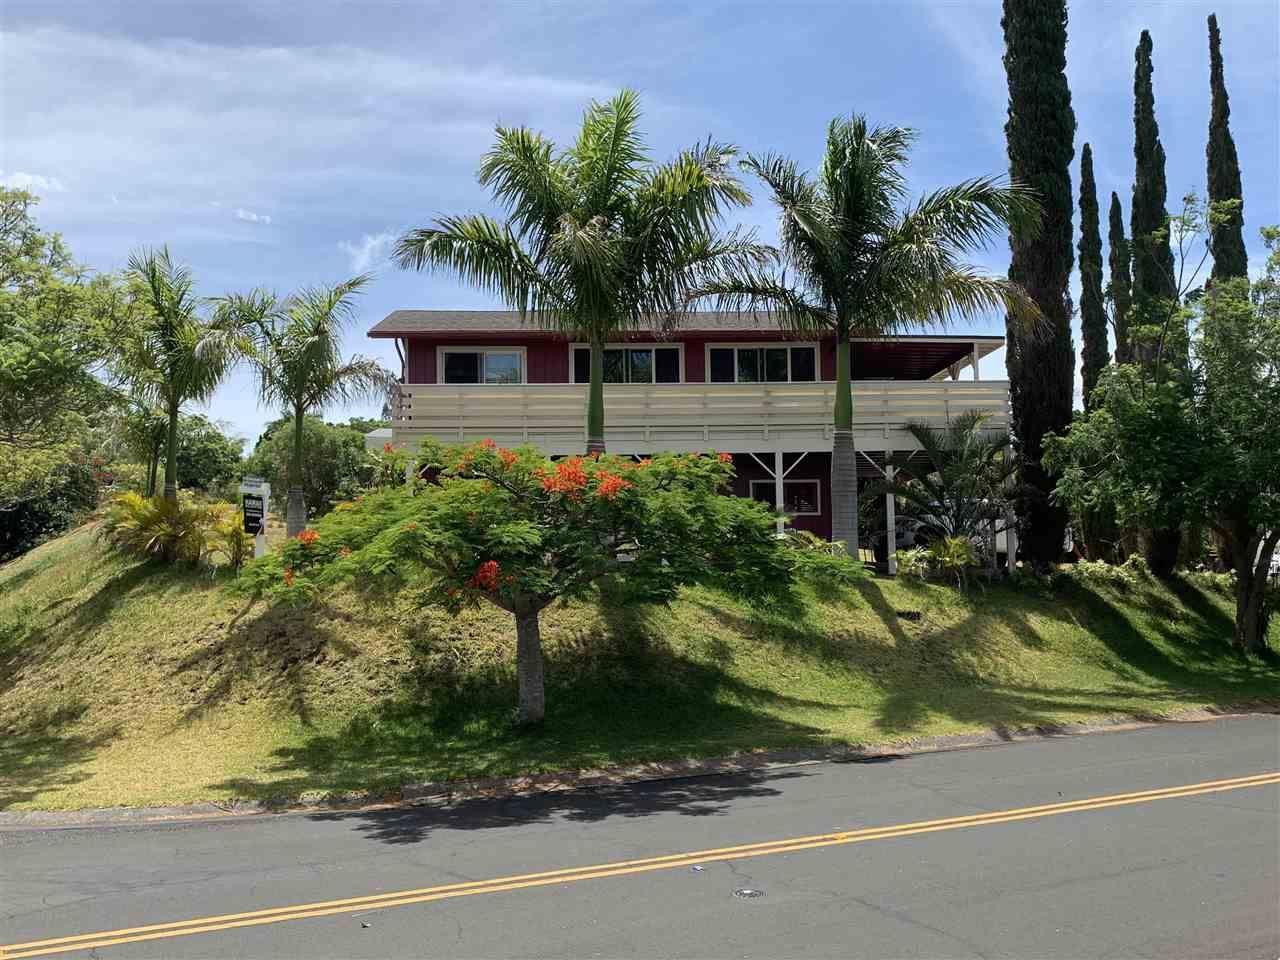 Photo of 285 Kaupea St, Makawao, HI 96768-8020 (MLS # 391554)